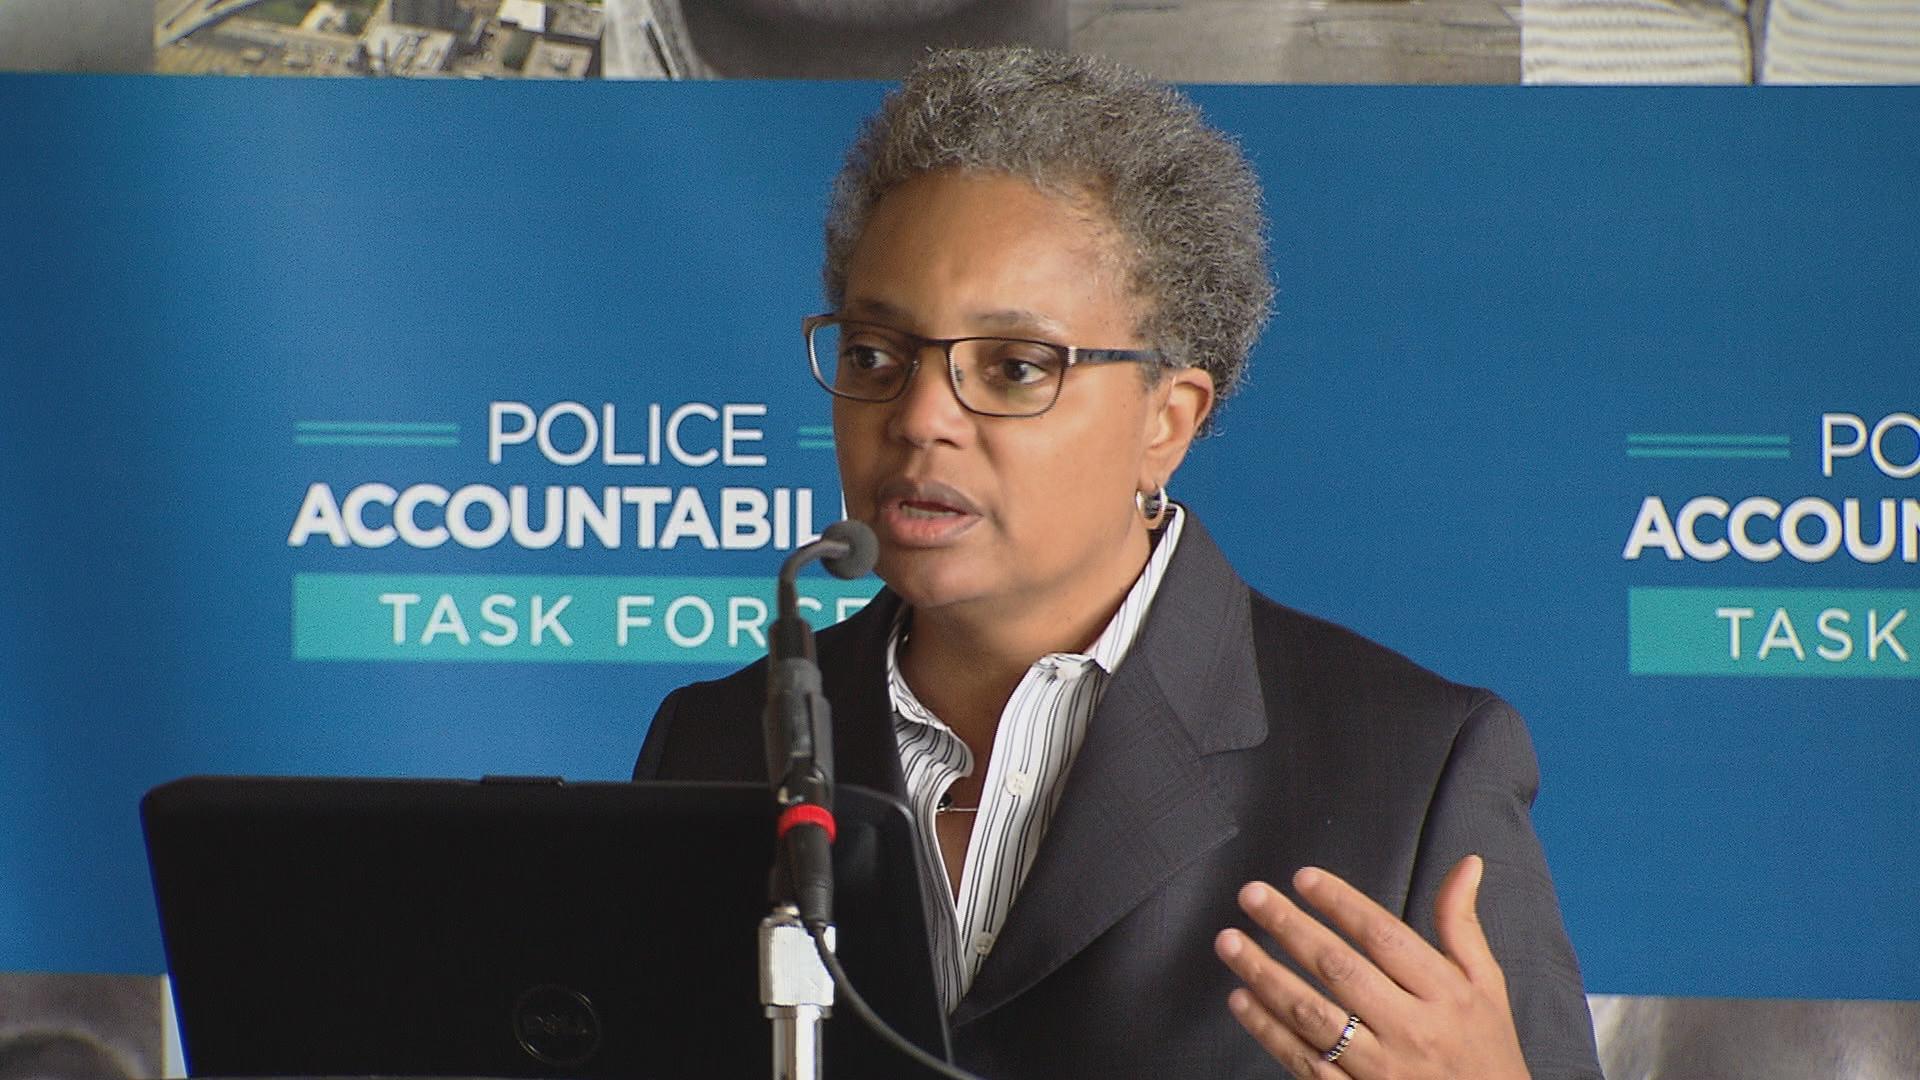 Lori Lightfoot zrezygnowała ze stanowiska przewodniczącej komisji policji Chicago